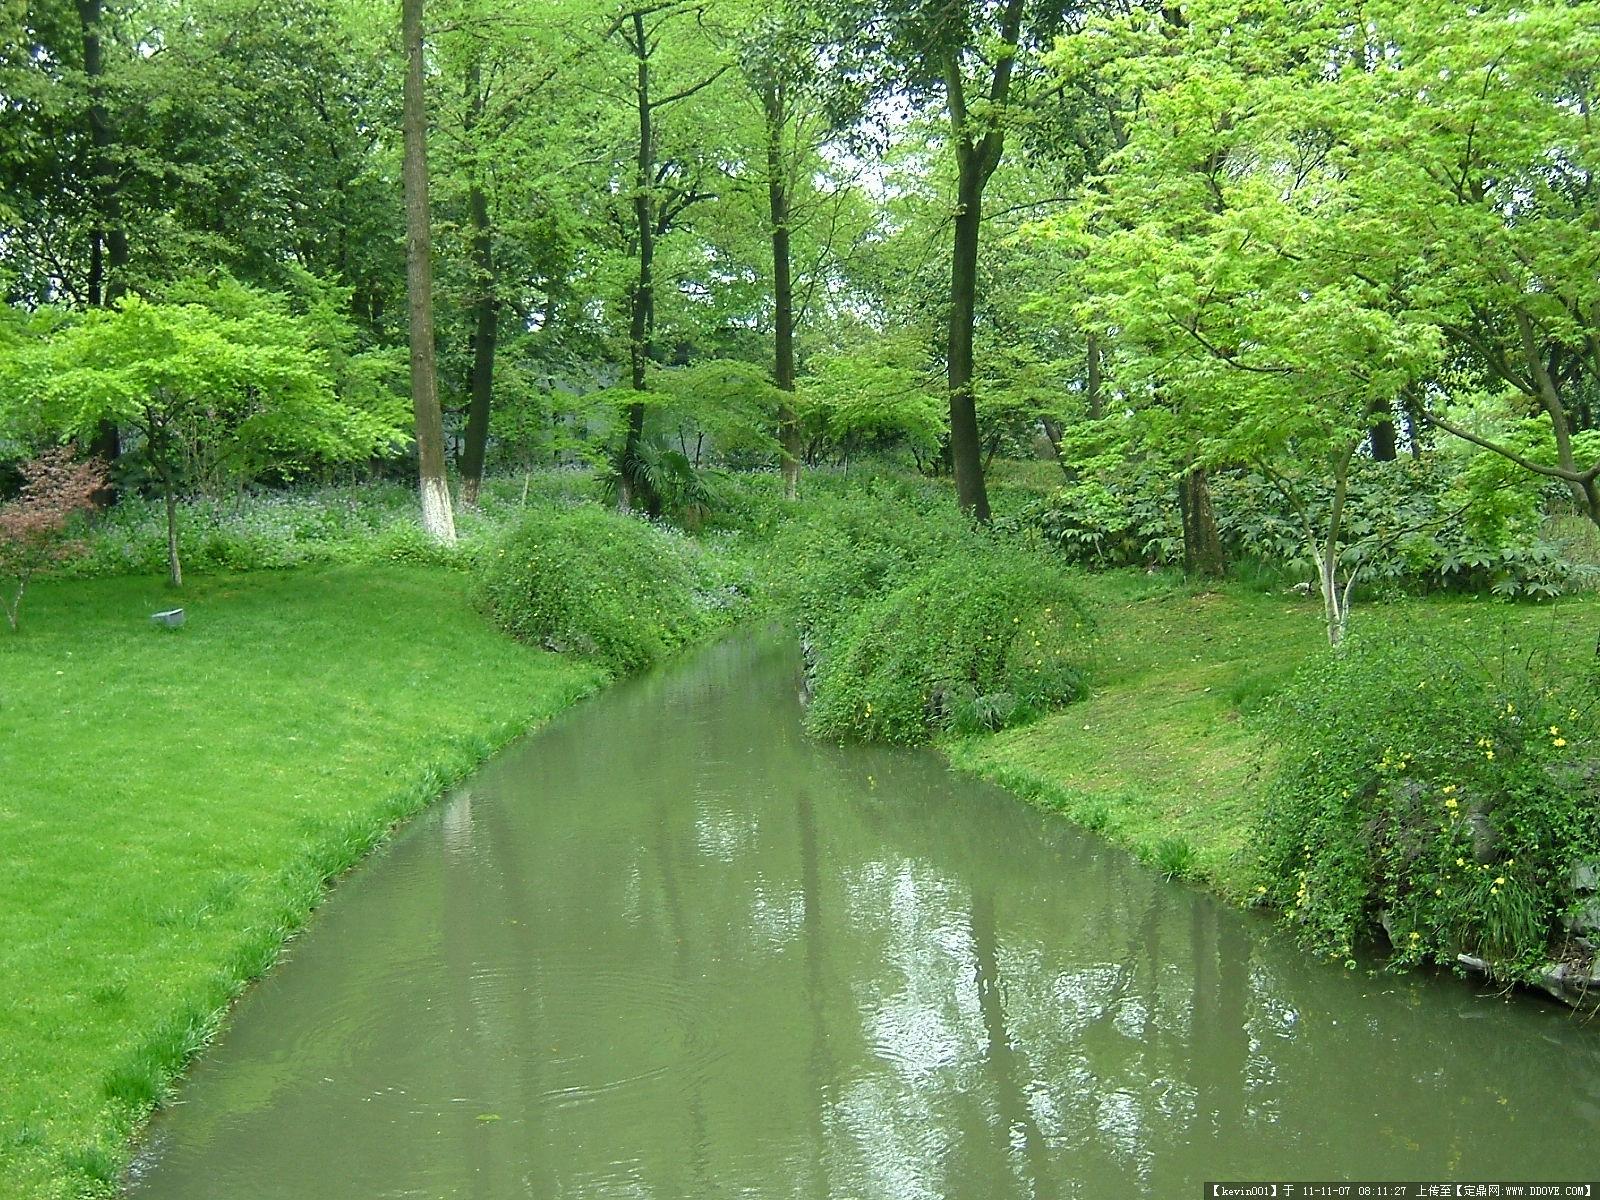 西湖之柳浪闻莺的图片浏览,园林项目照片,风景区,园林